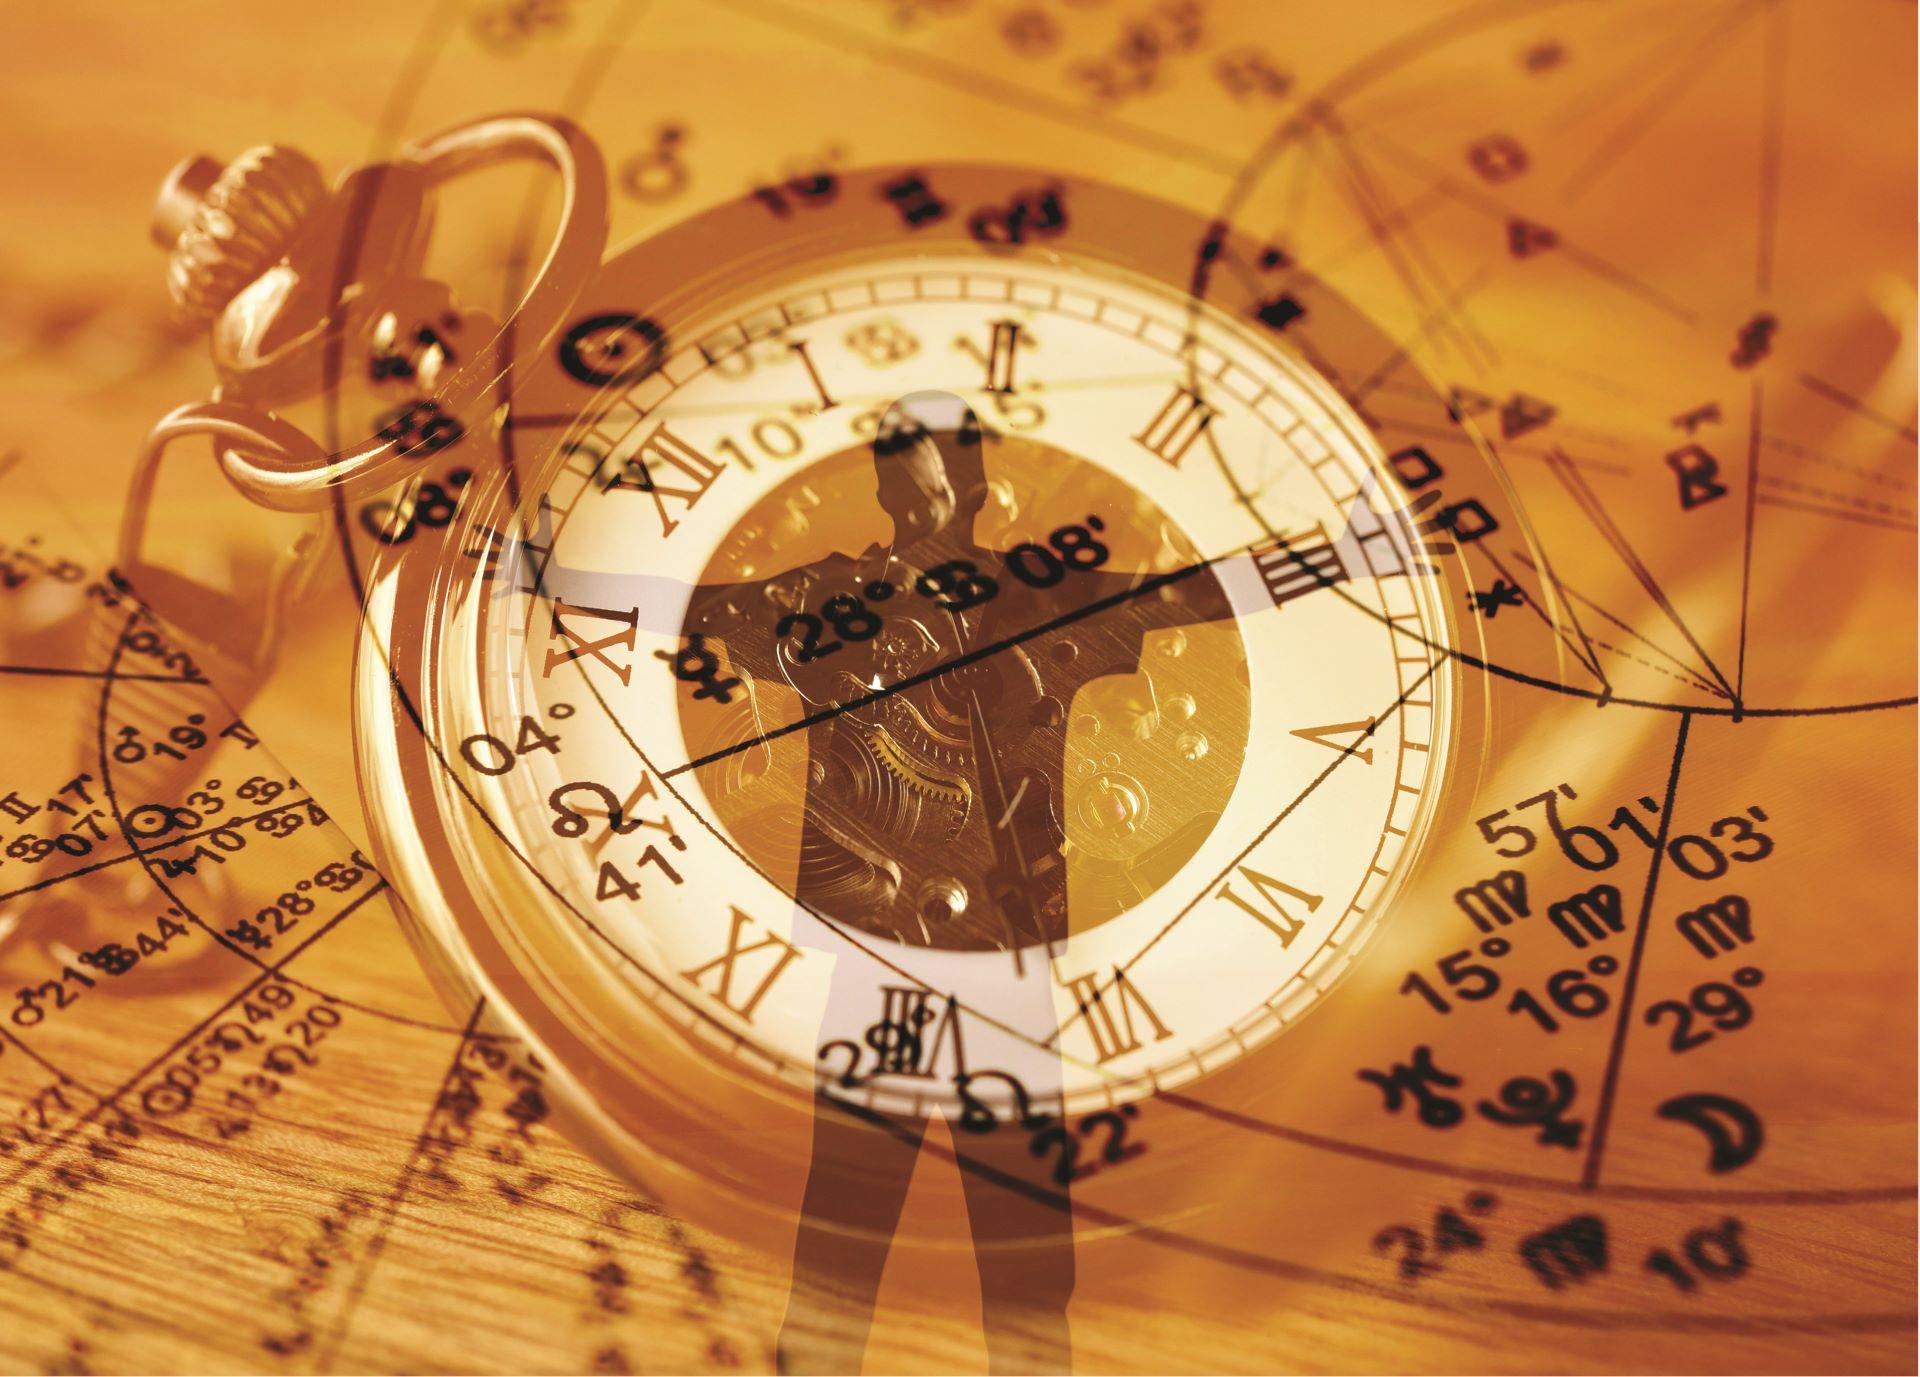 Kurs der Stundenastrologie